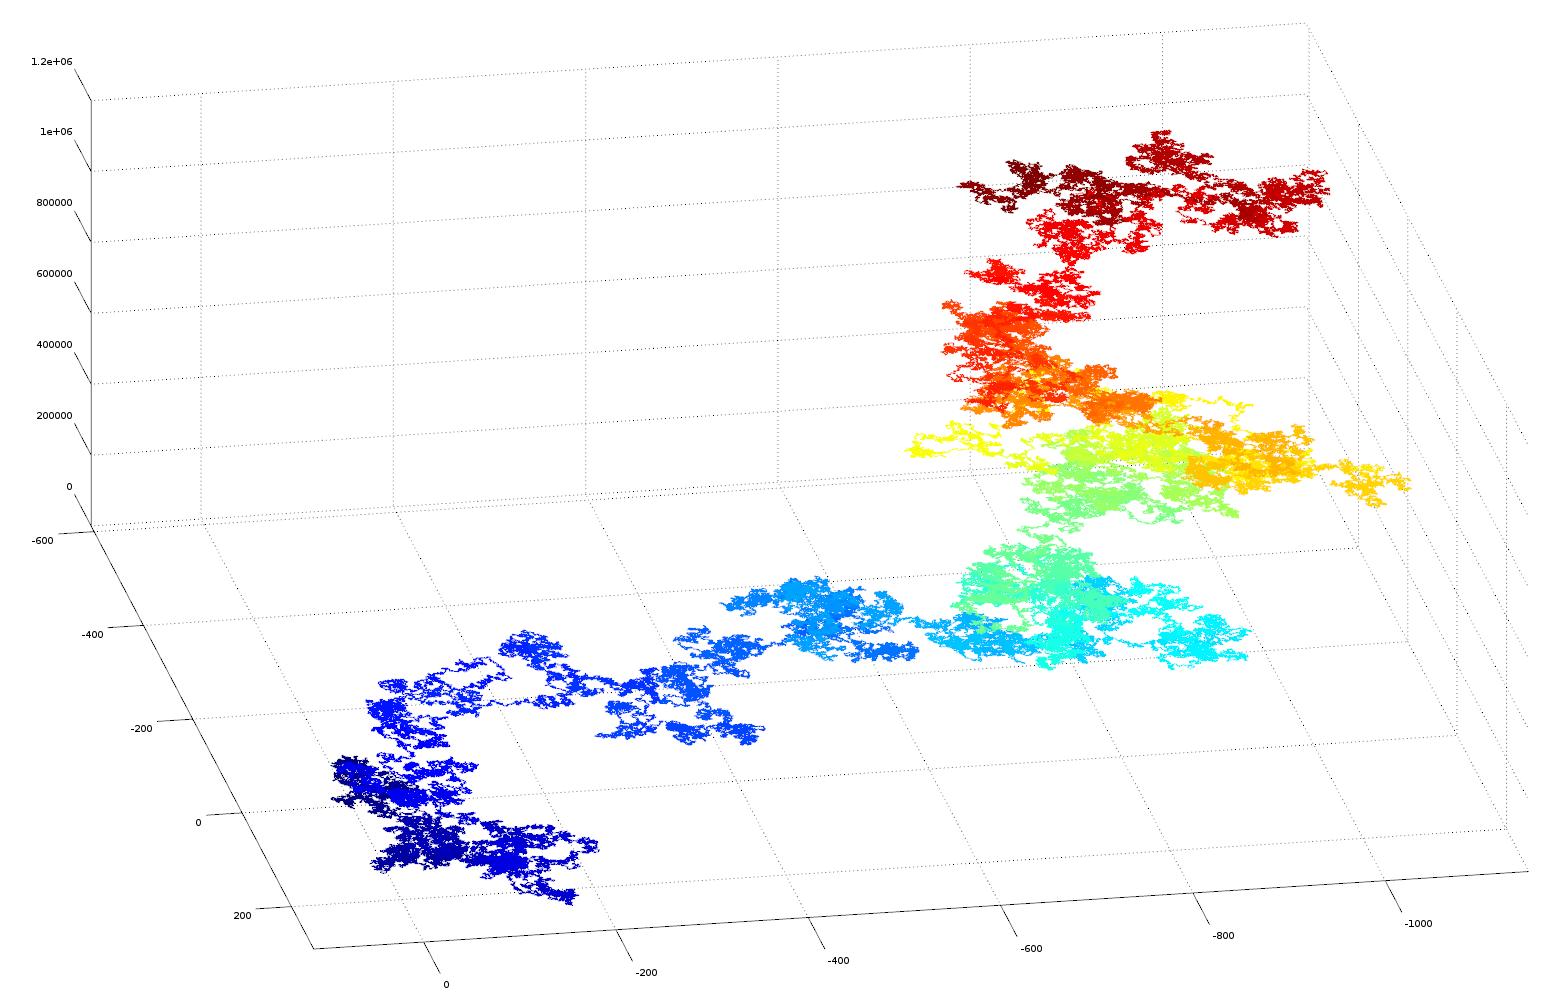 3D plot of pi as vector